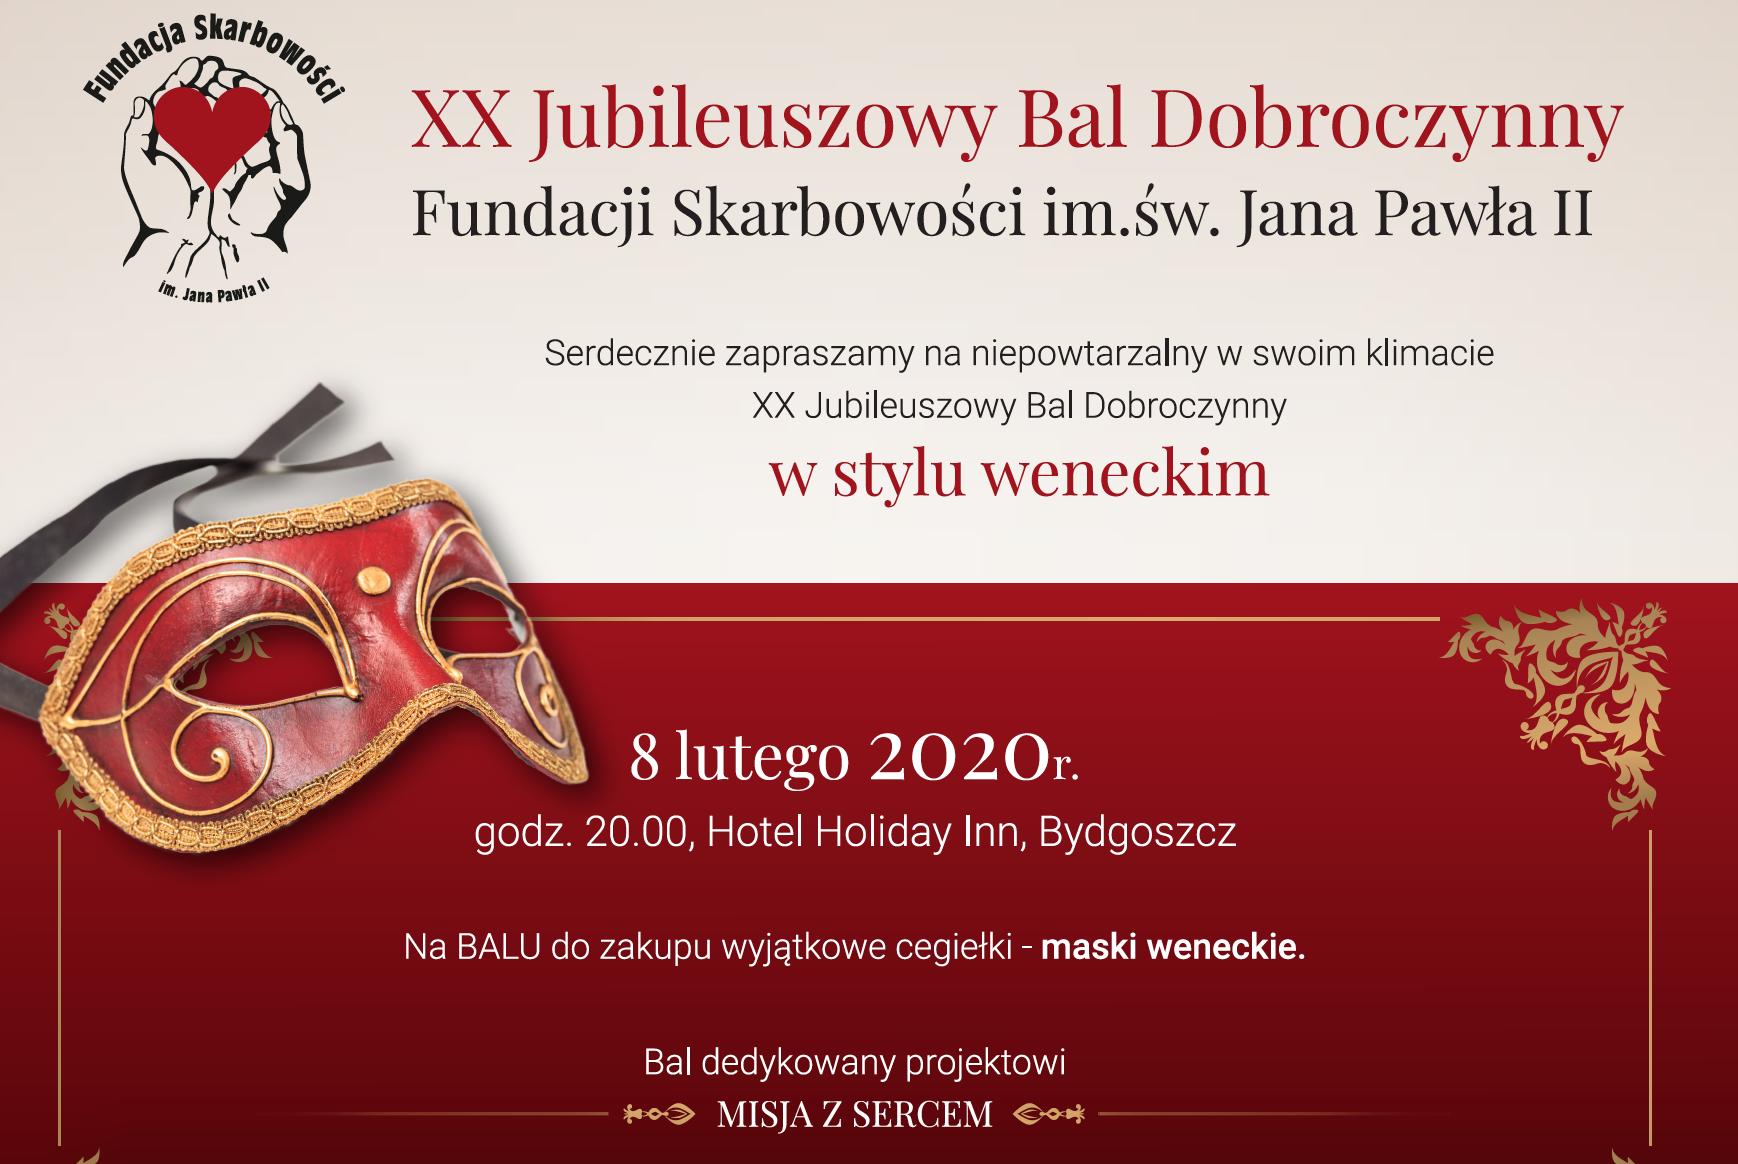 Zapraszamy na niepowtarzalny w swoim klimacie XX Jubileuszowy Bal Fundacji Skarbowości!  8 lutego 2020r